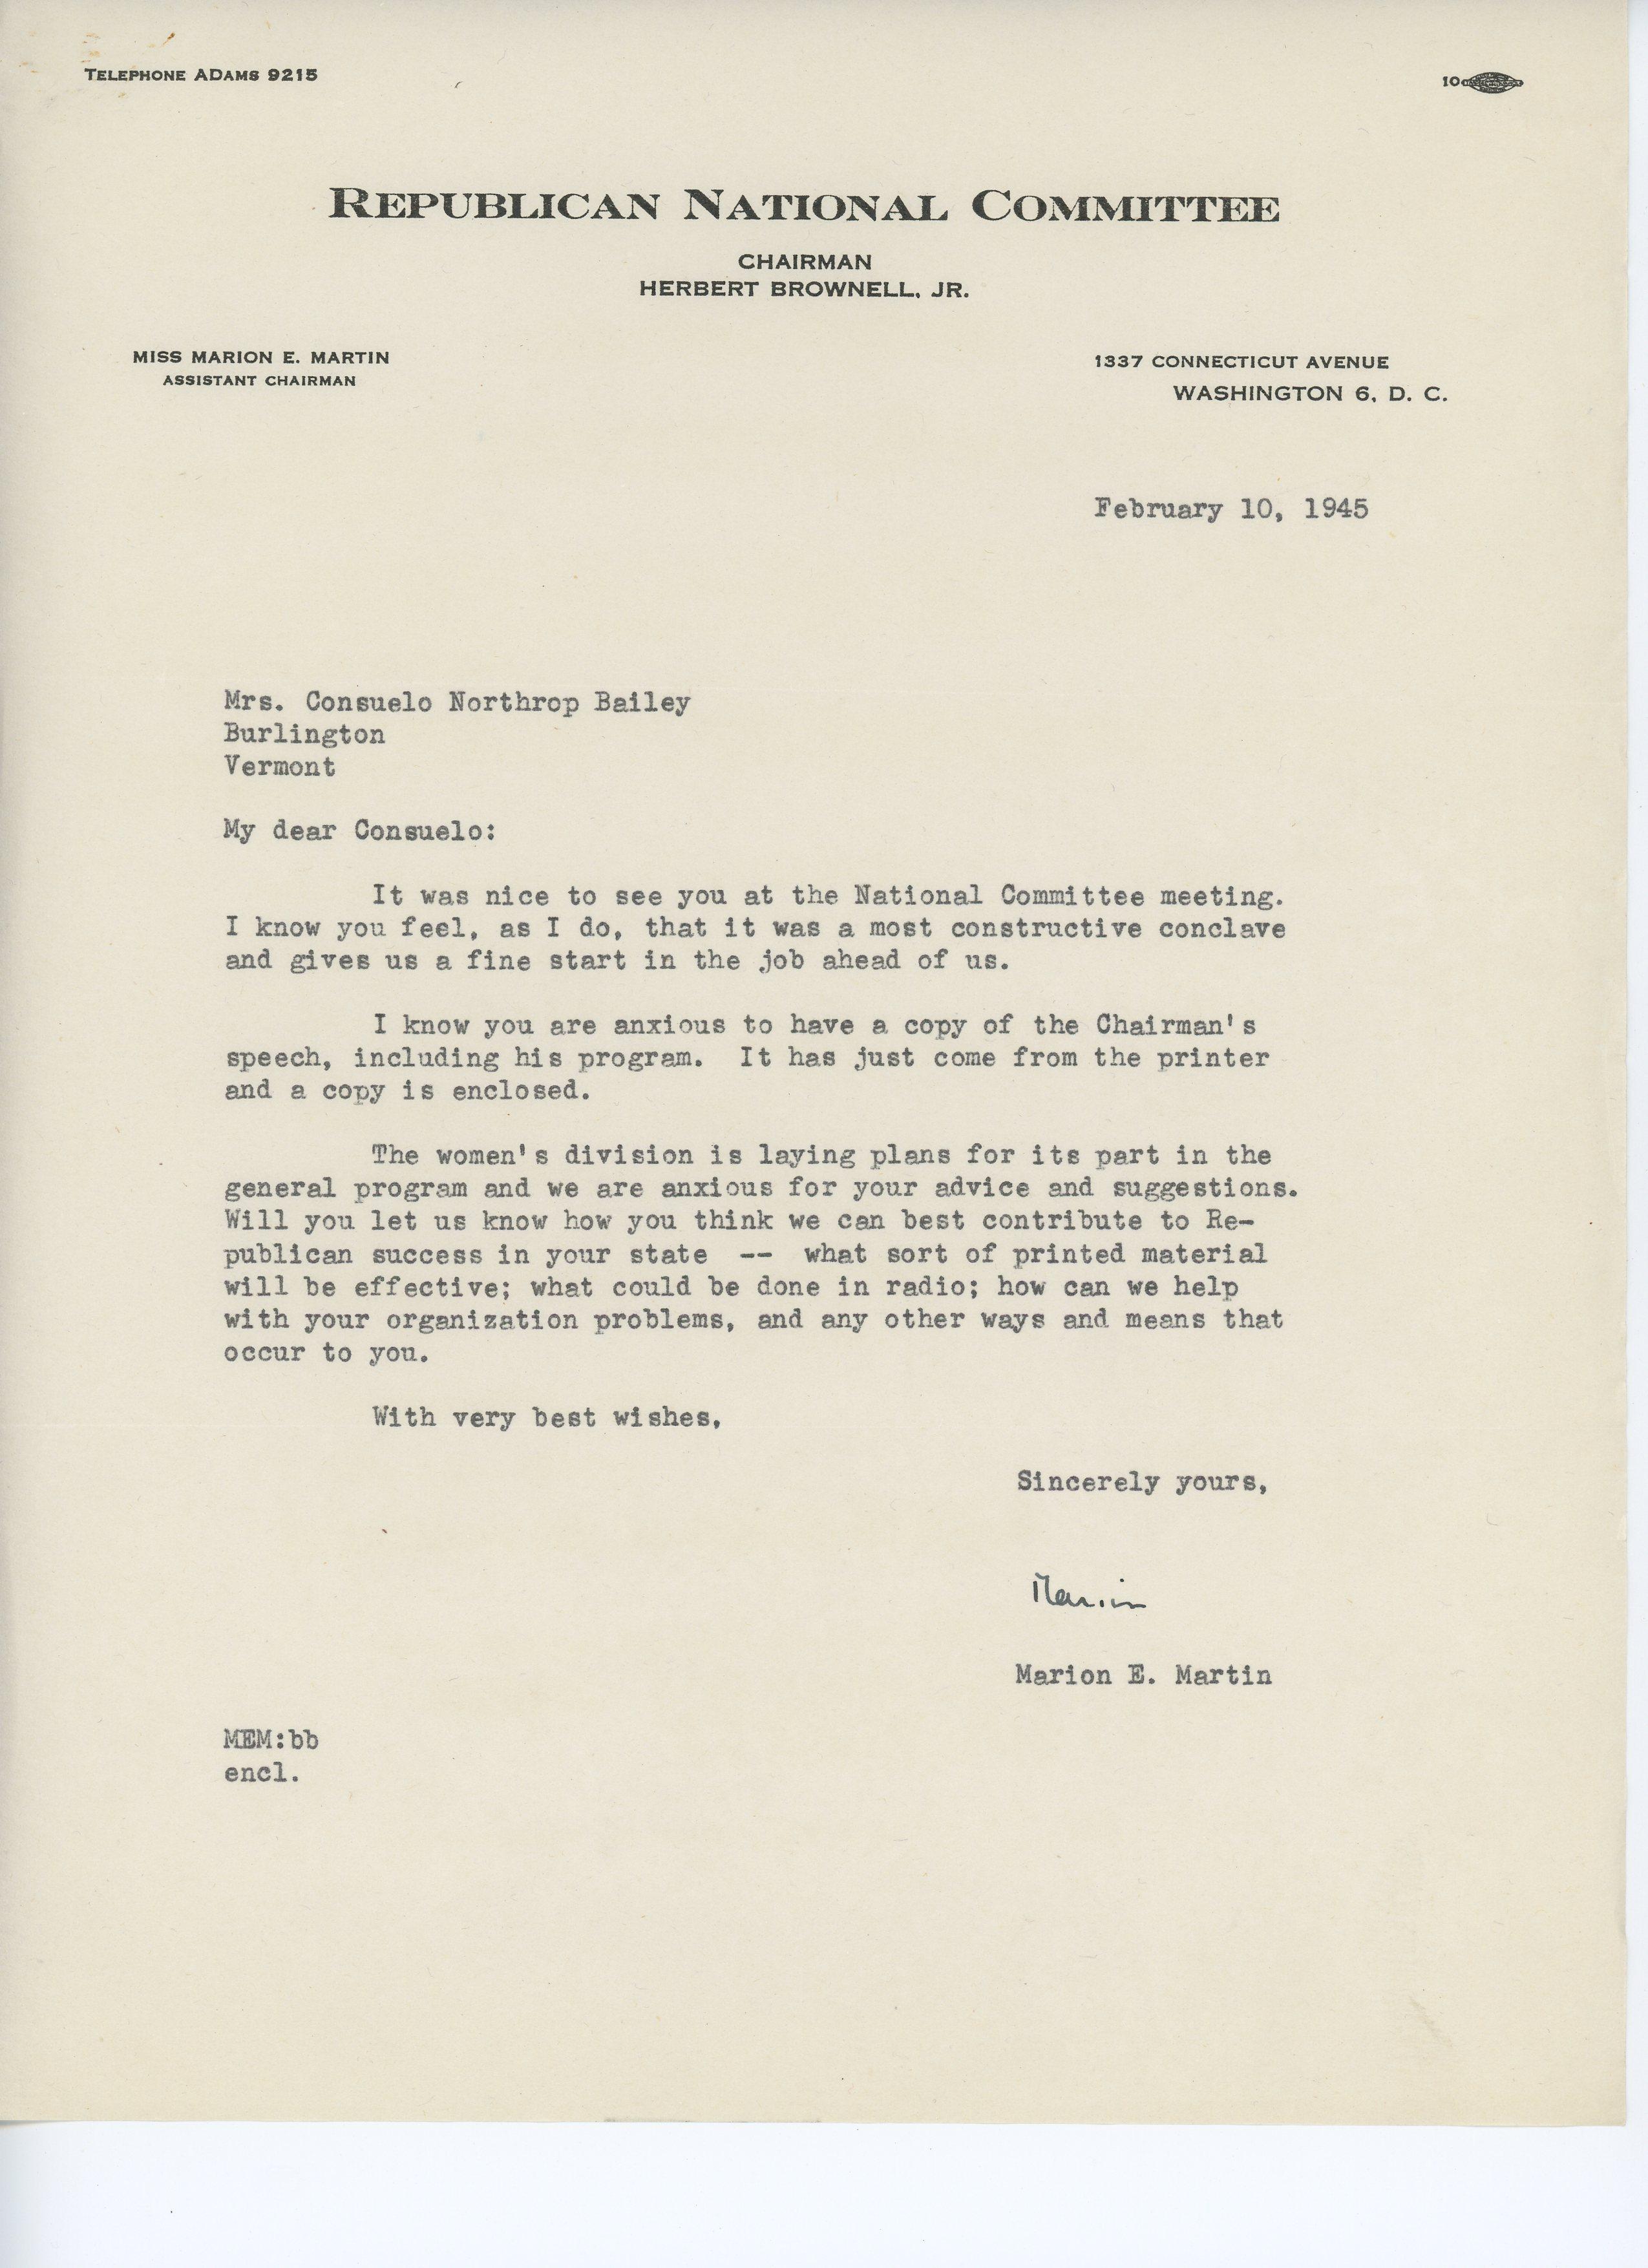 Marion E. Martin to Consuelo N. Bailey 1945 February 10